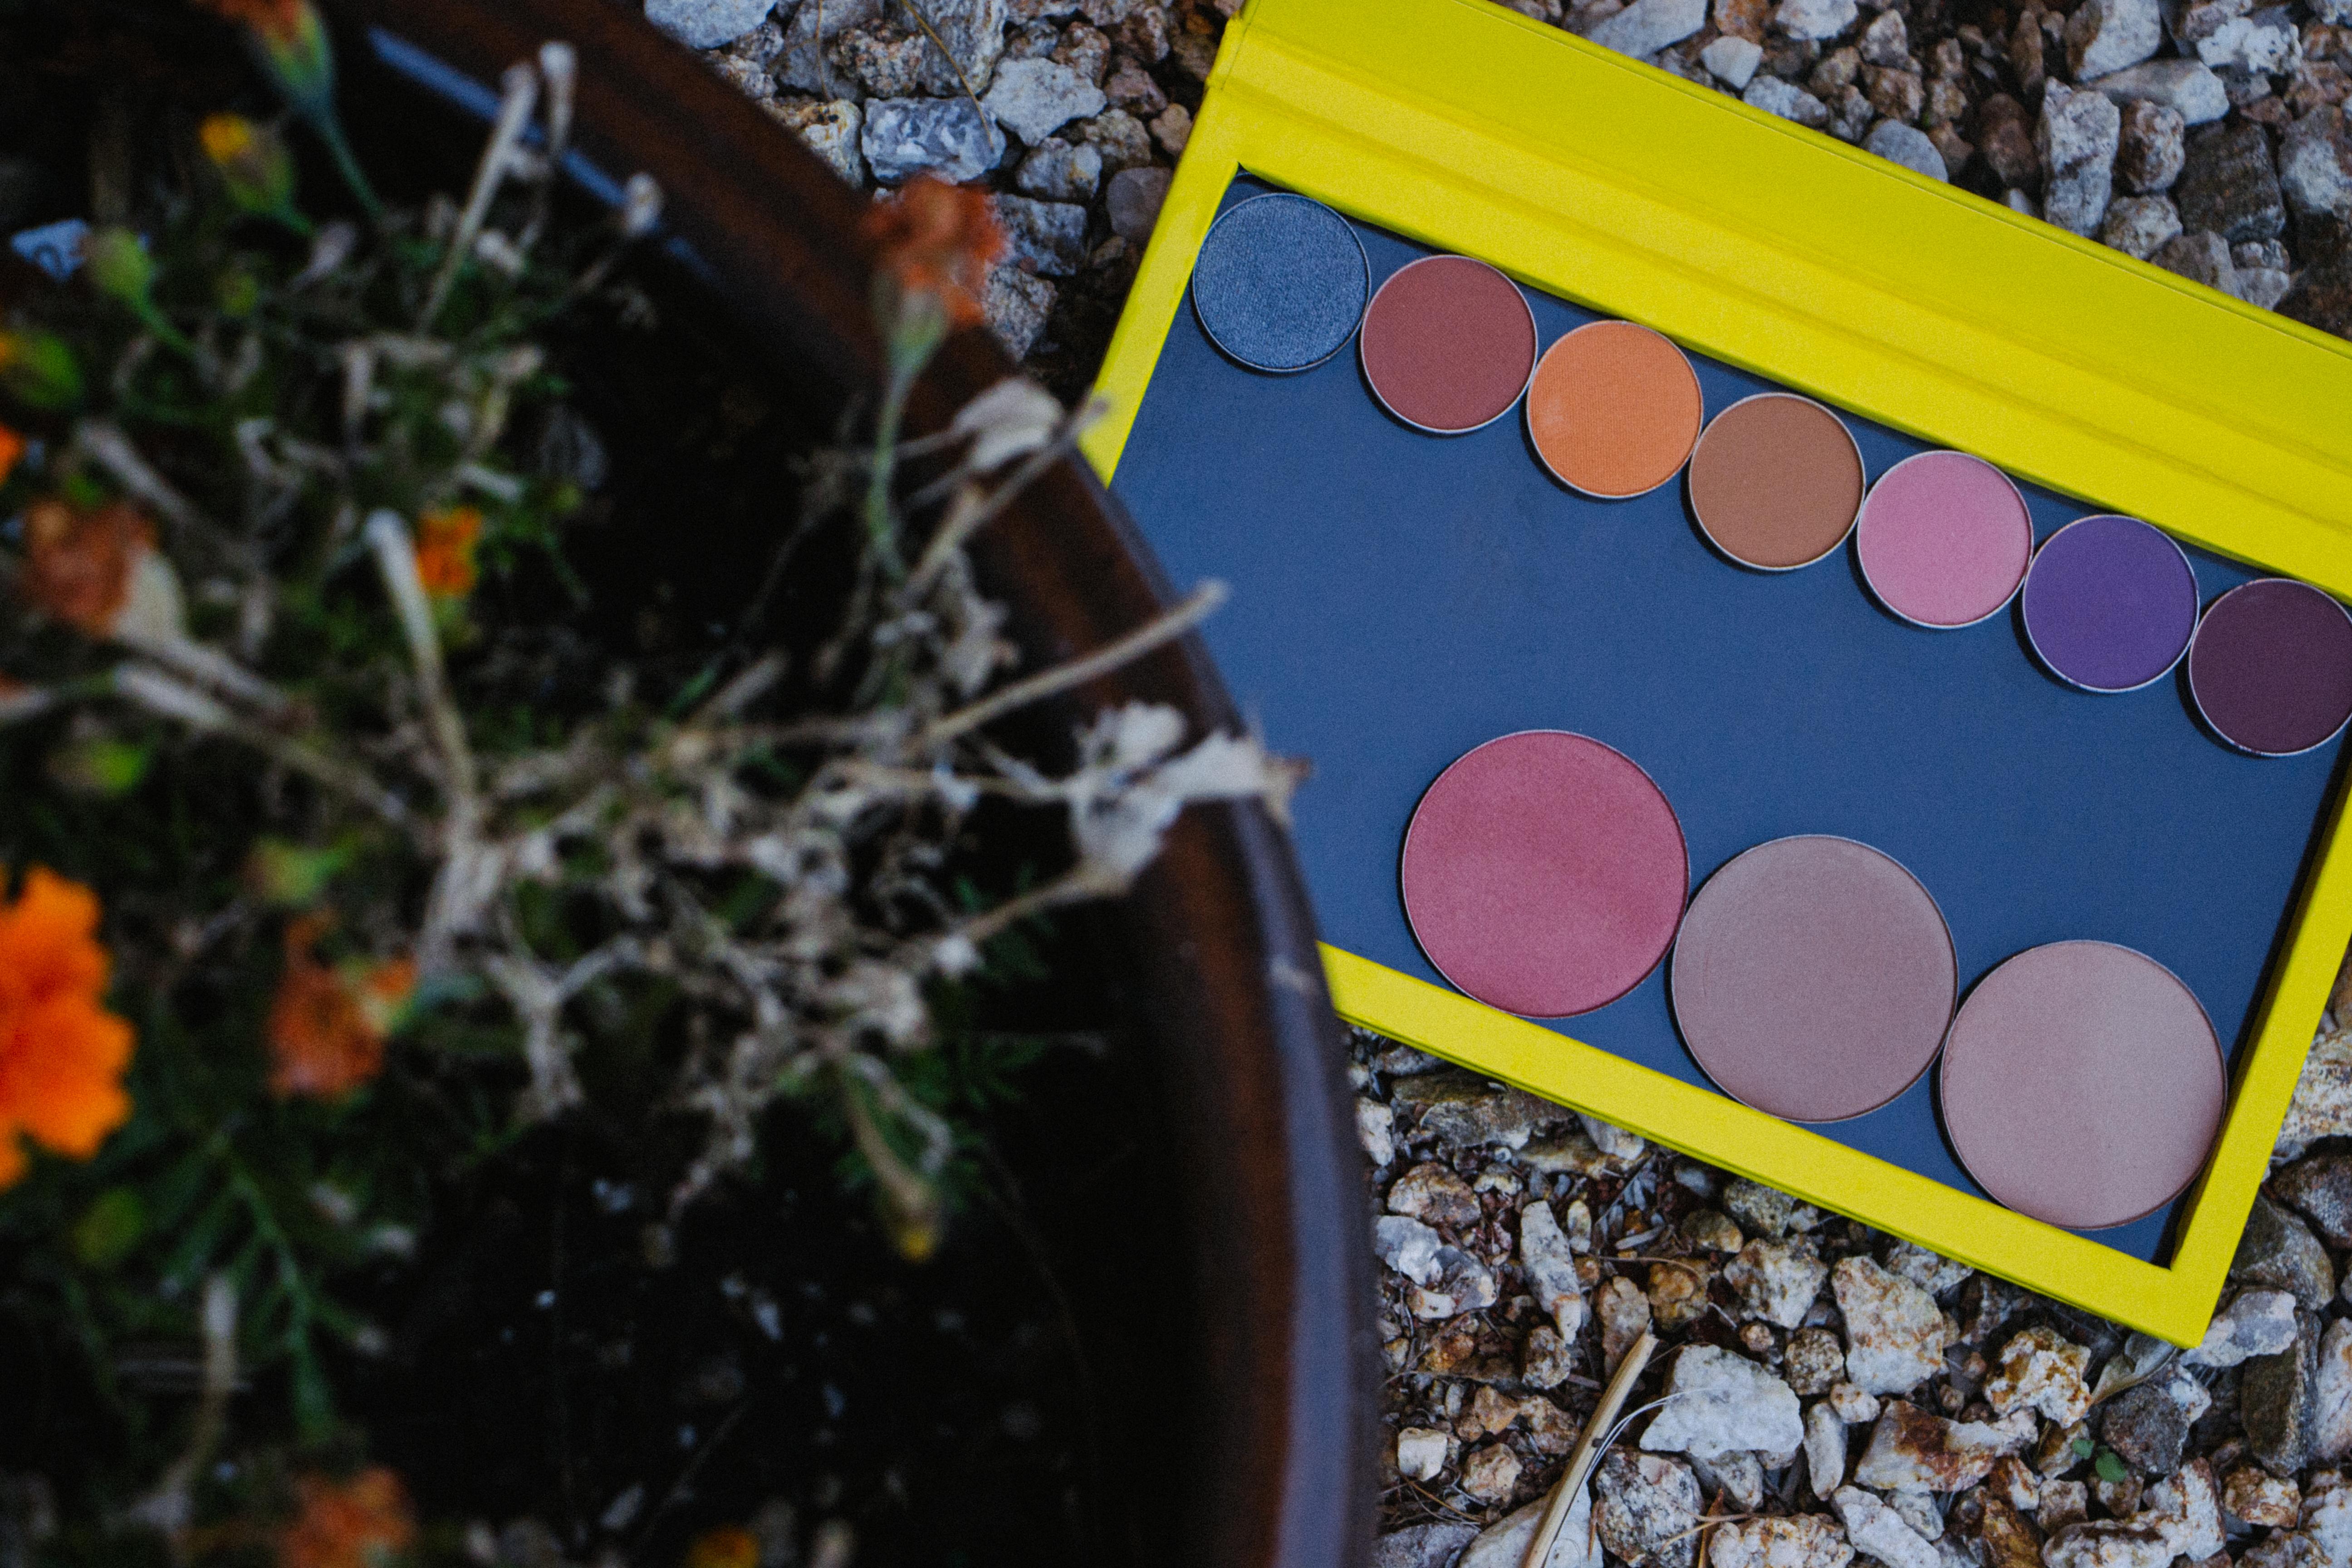 New Makeup Makeup Geek Blushes Makeup Geek shadows Makeup Geek foiled shadow zPalette Yellow zPalette plants makeup photography phoenix mua